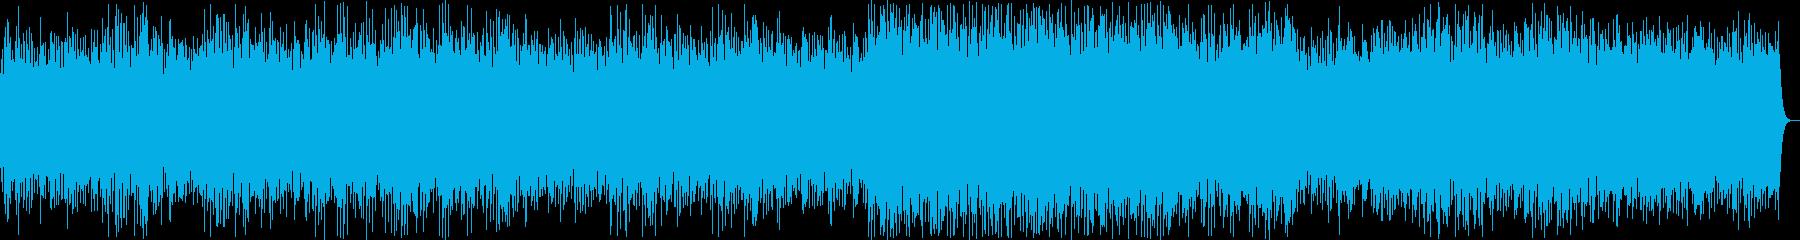 和風なリラクゼーションミュージックの再生済みの波形